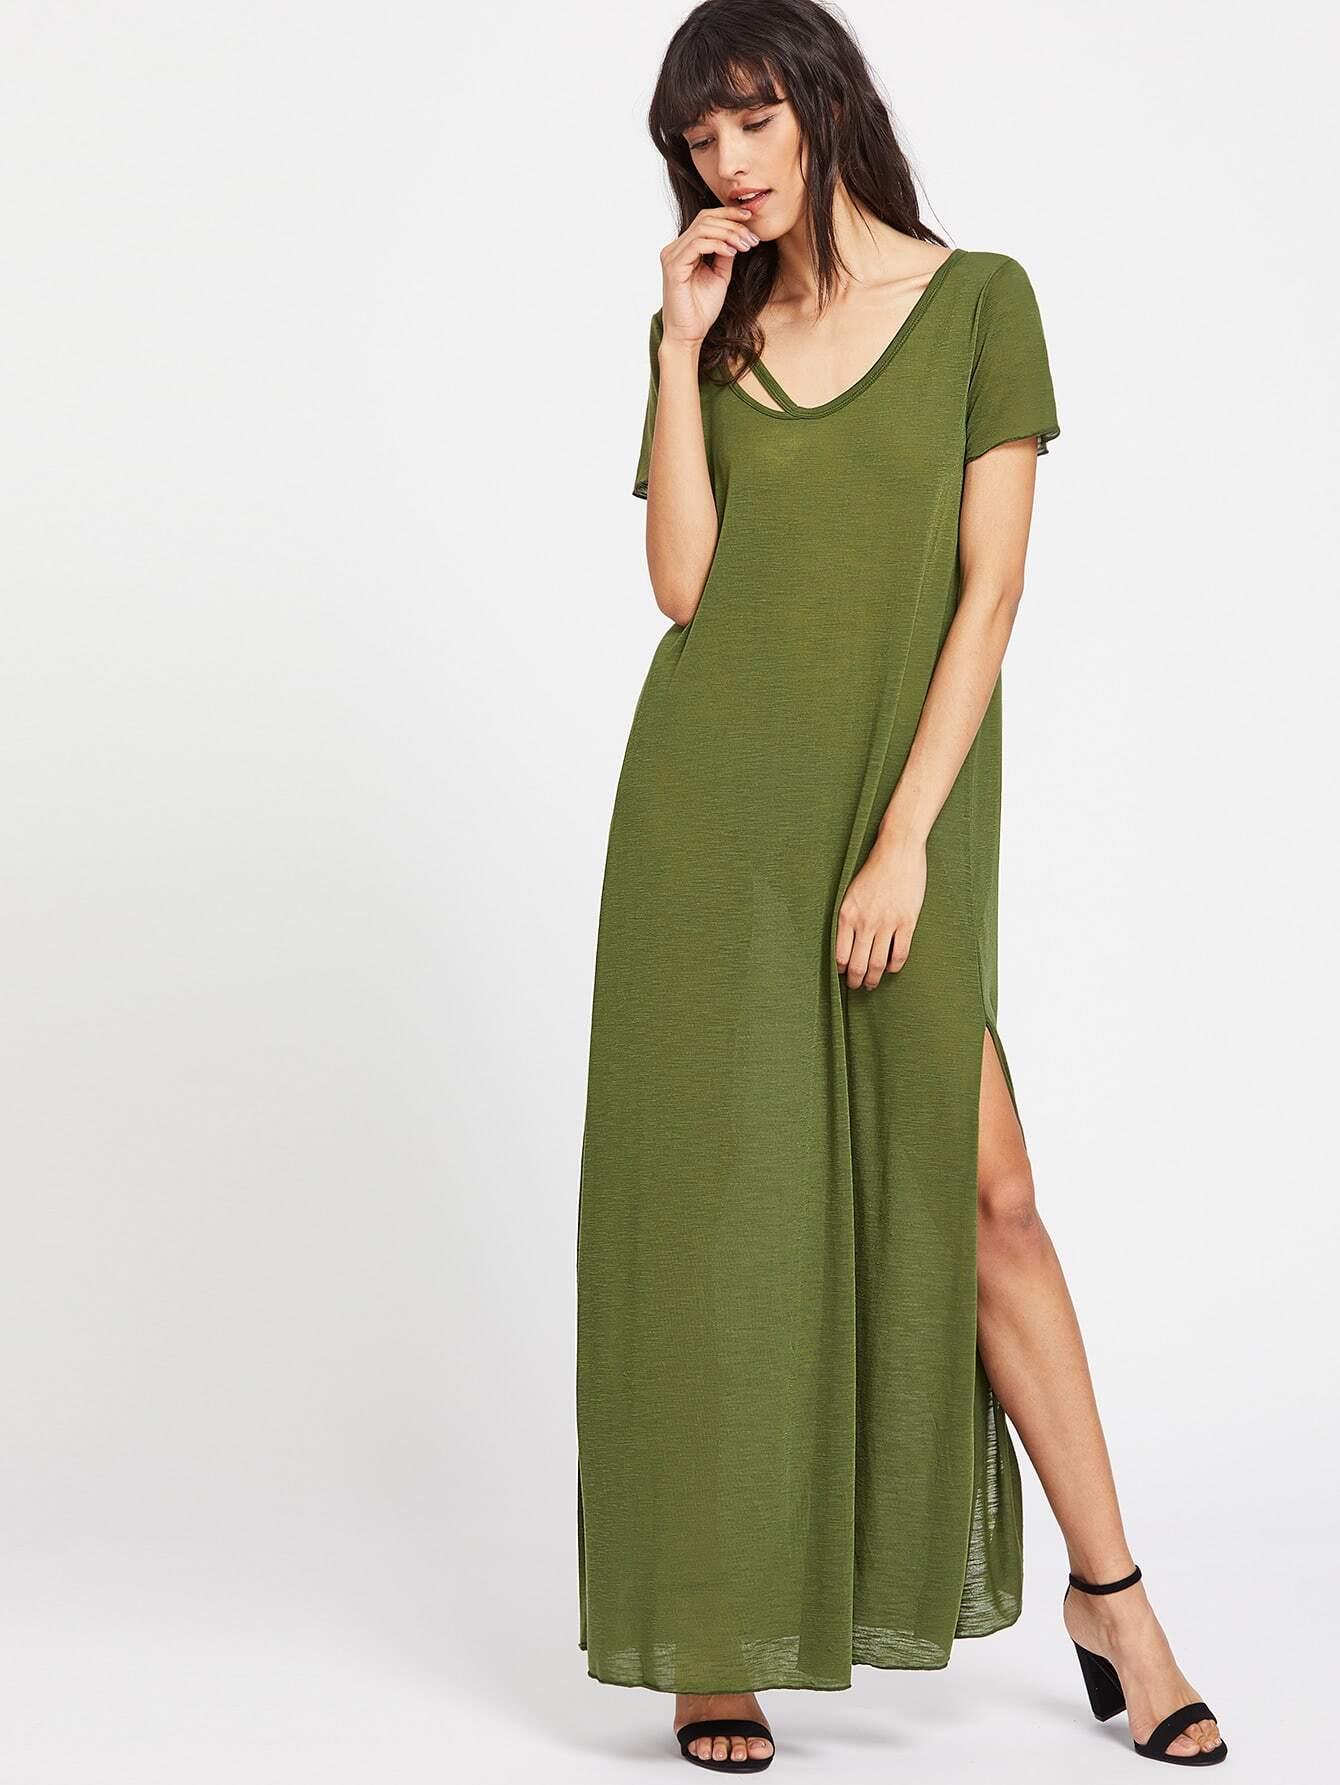 Фото Strappy Scoop Neck Cutout Side Slit Tee Dress. Купить с доставкой